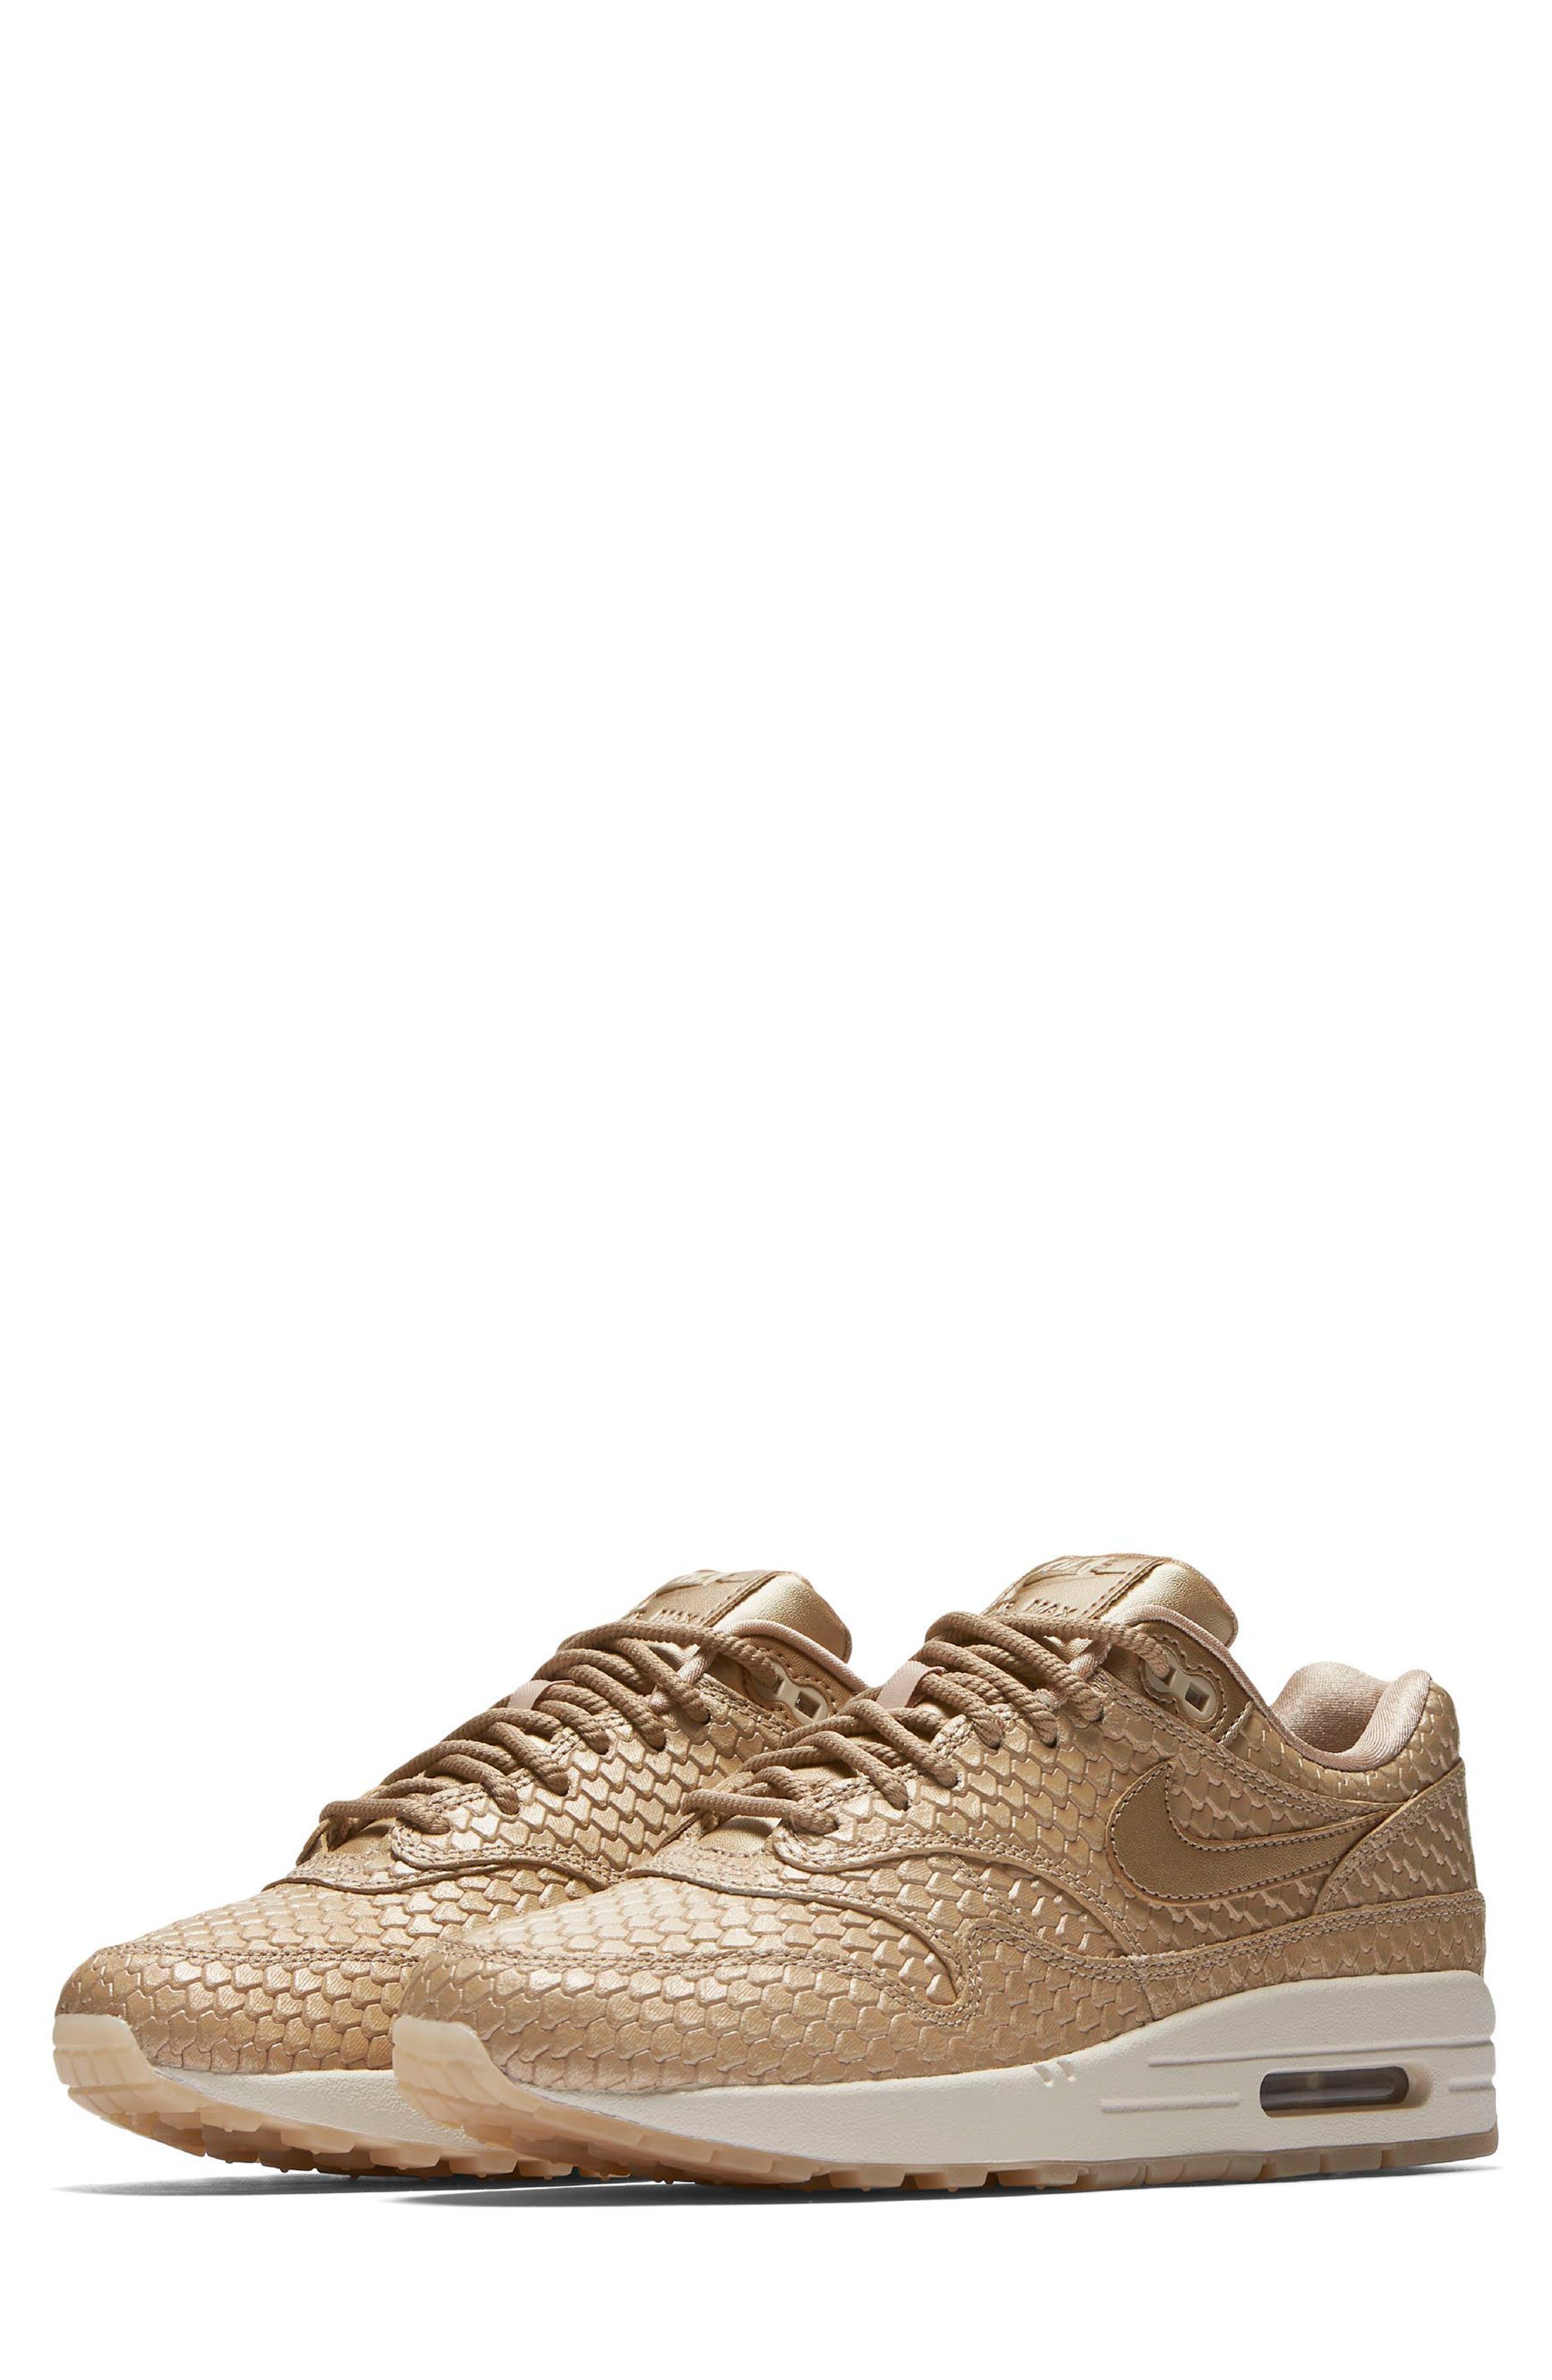 Nike Air Max 1 Premium Sneaker (Women)